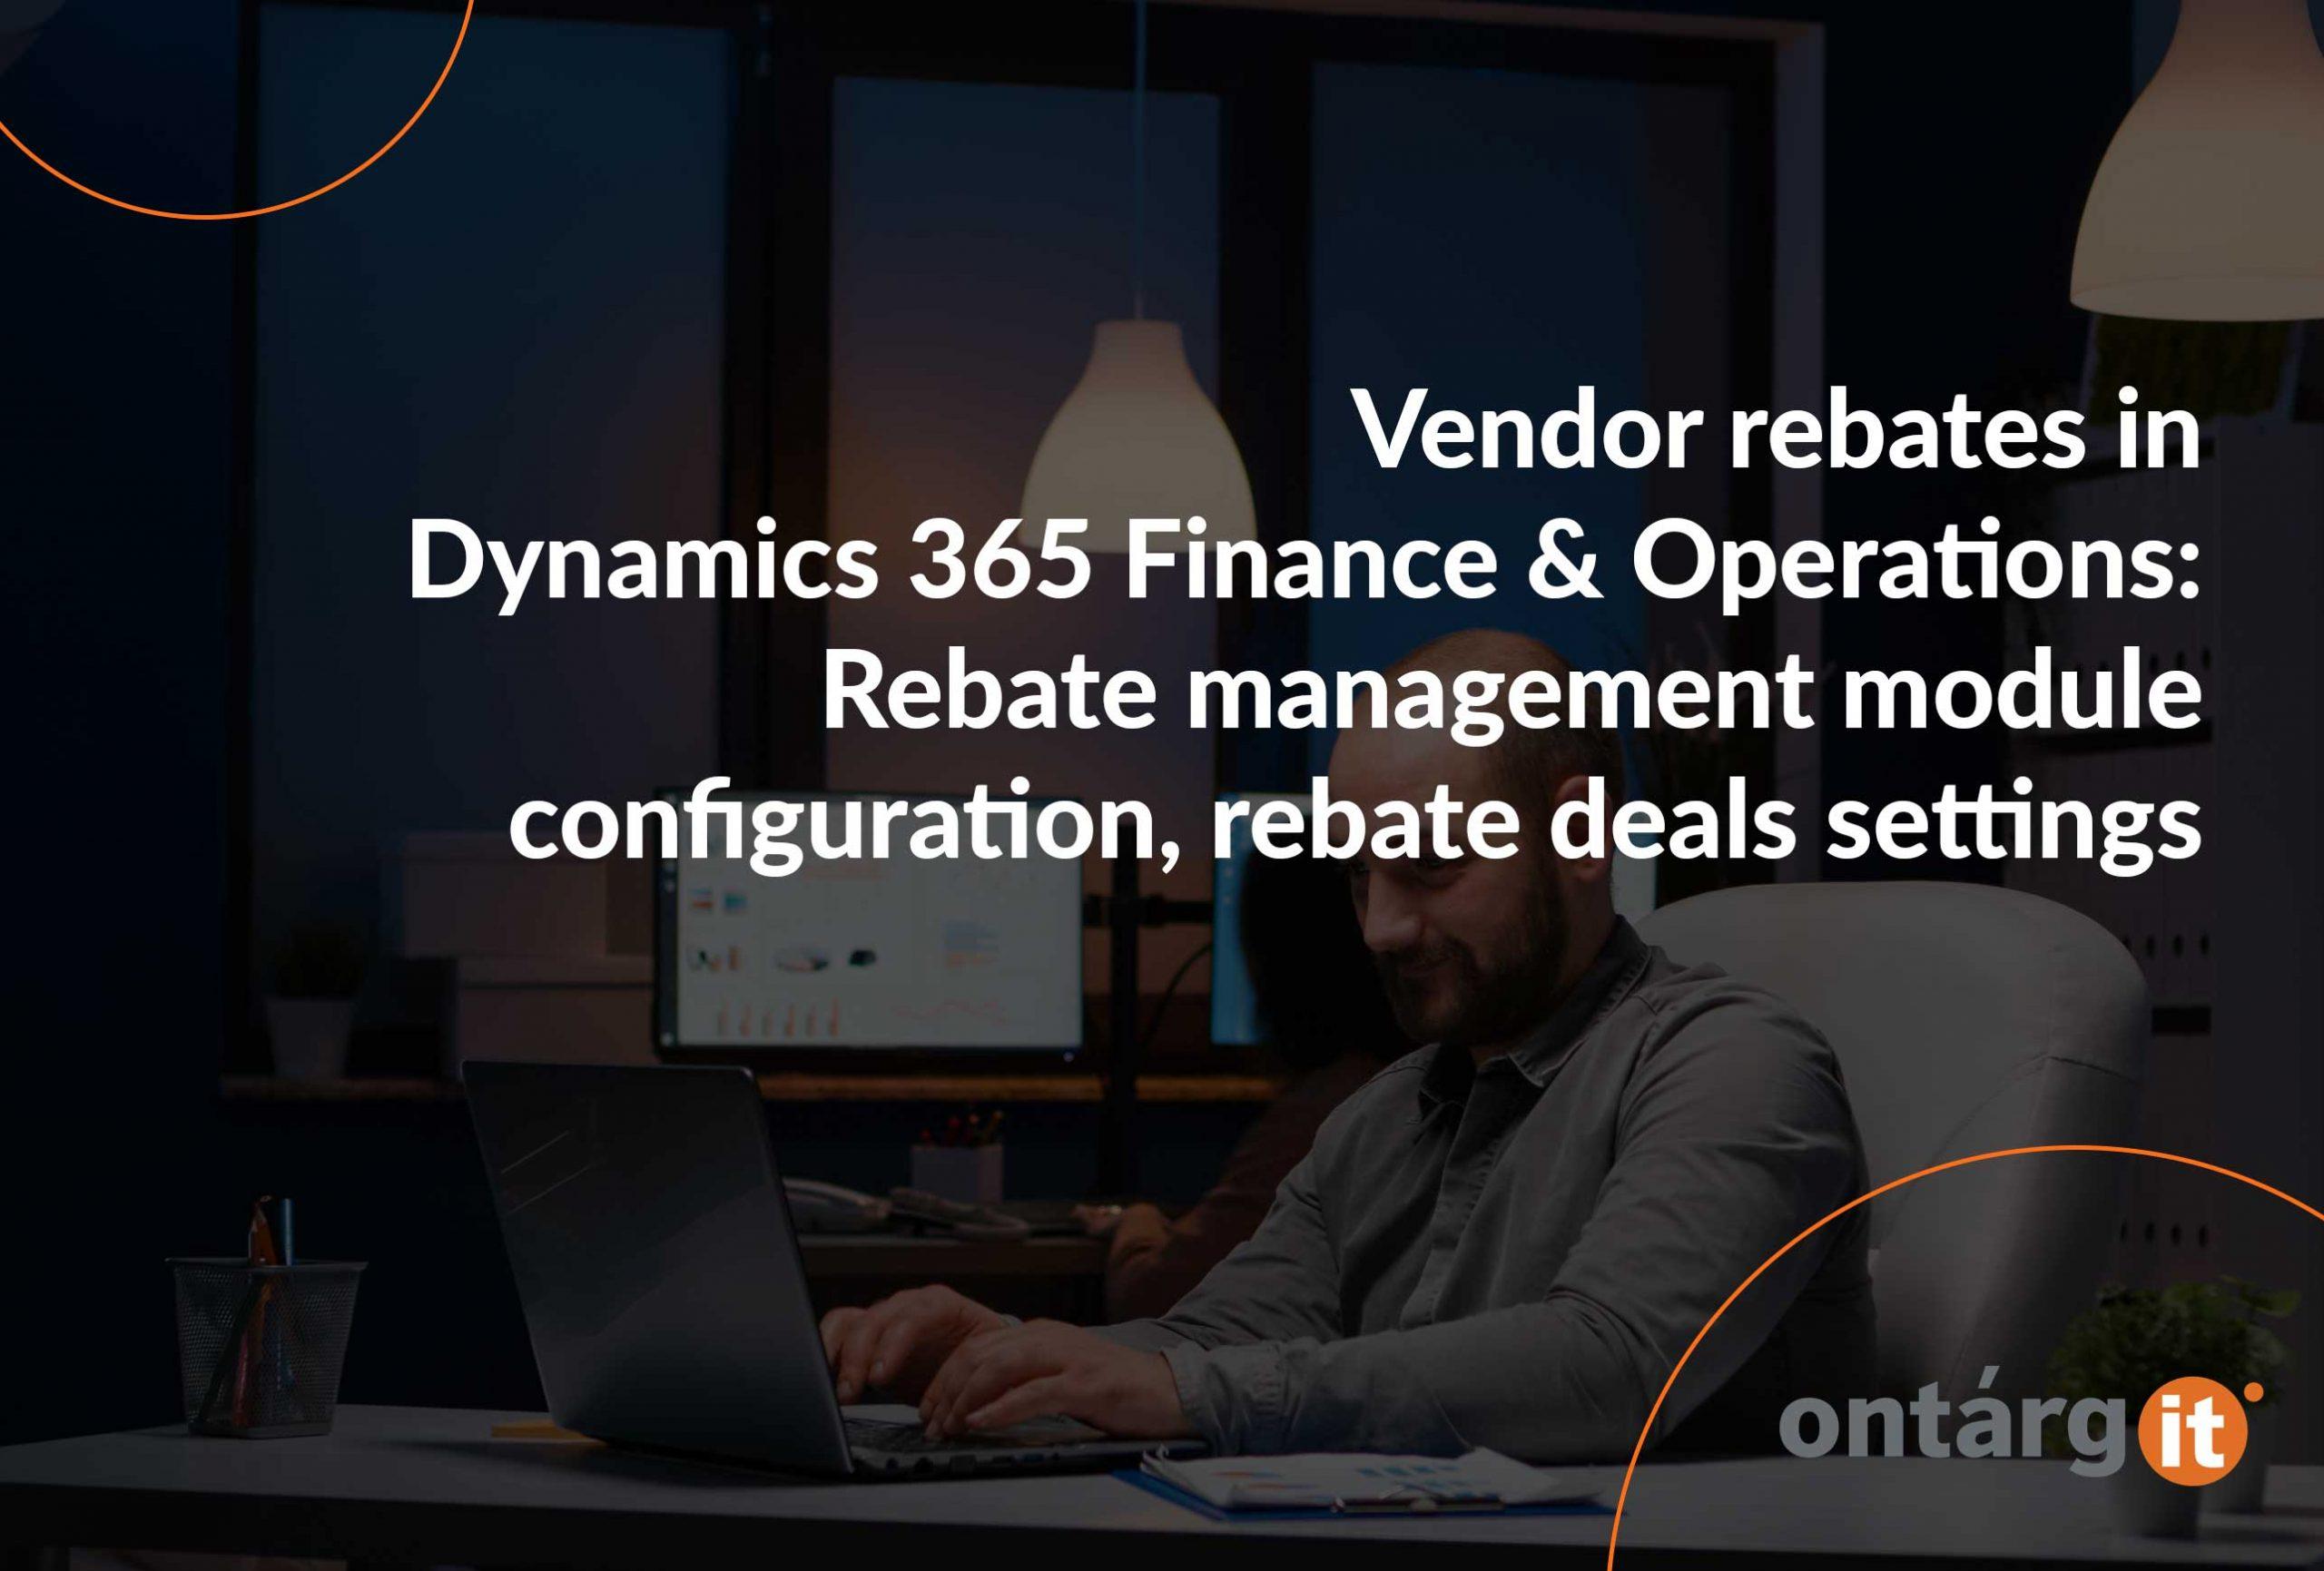 Vendor-rebates-in-Dynamics-365-Finance-&Operations-Rebate-management-module-configuration,-rebate-deals-settings